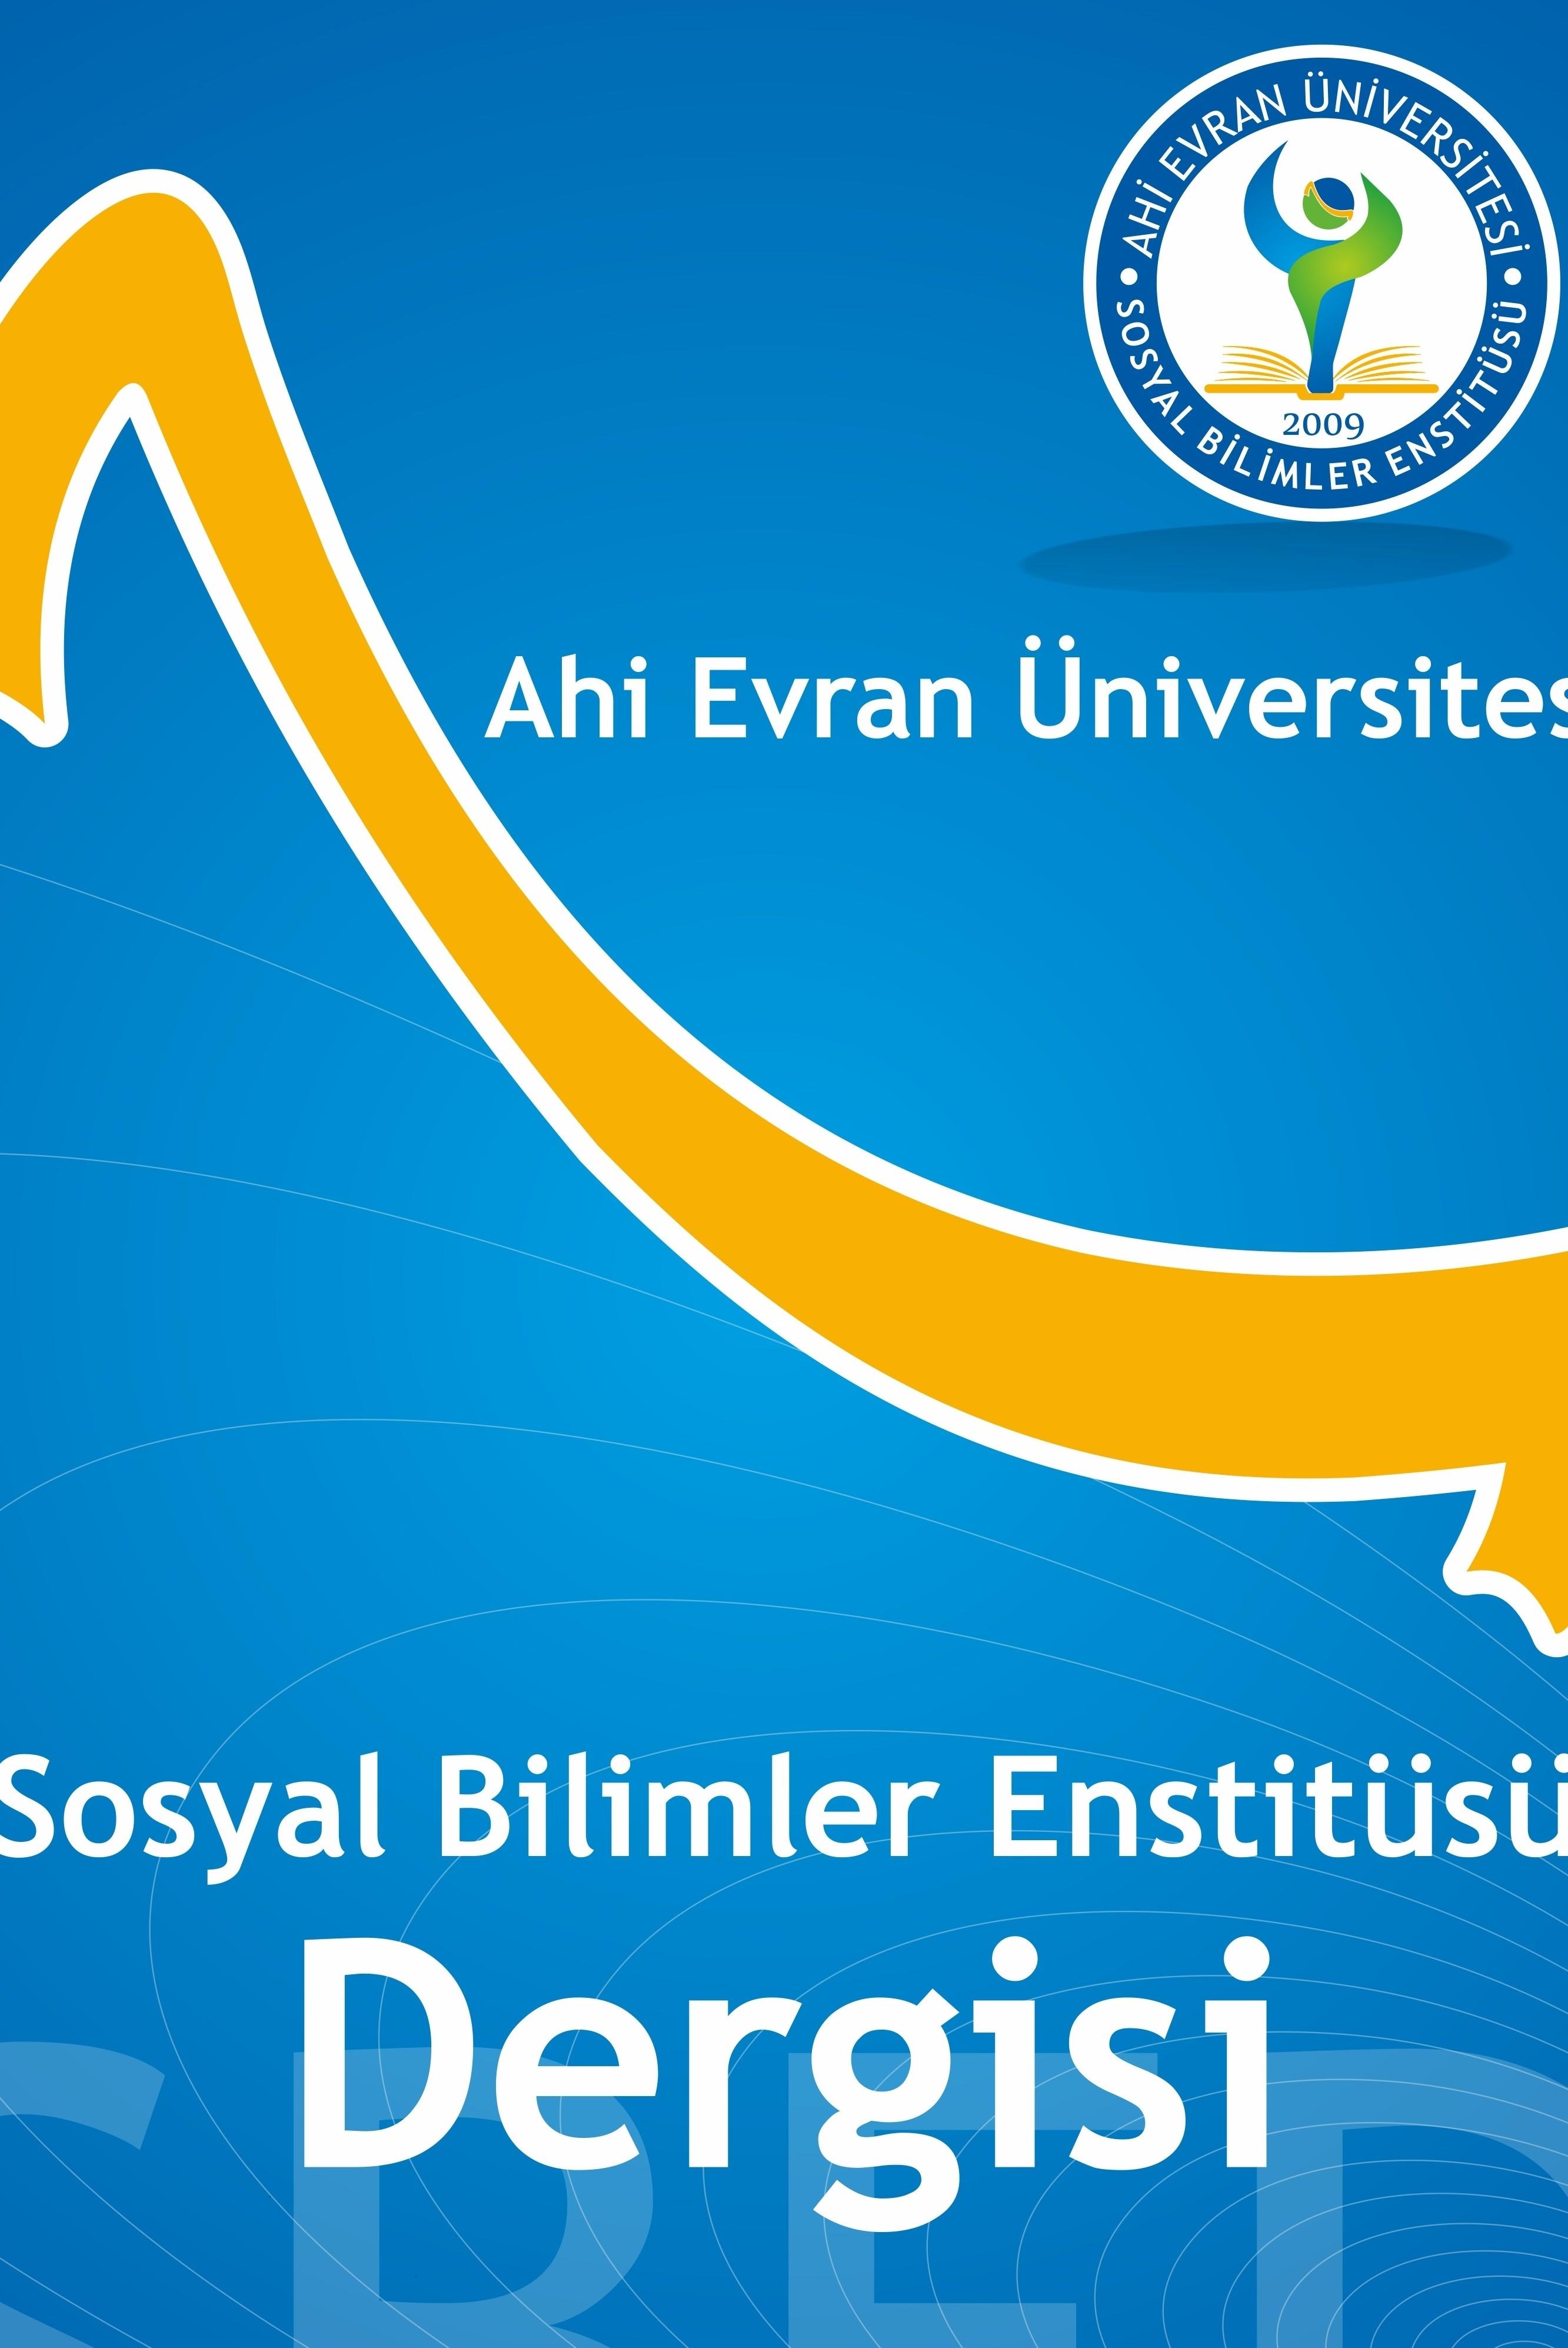 Ahi Evran Üniversitesi Sosyal Bilimler Enstitüsü Dergisi